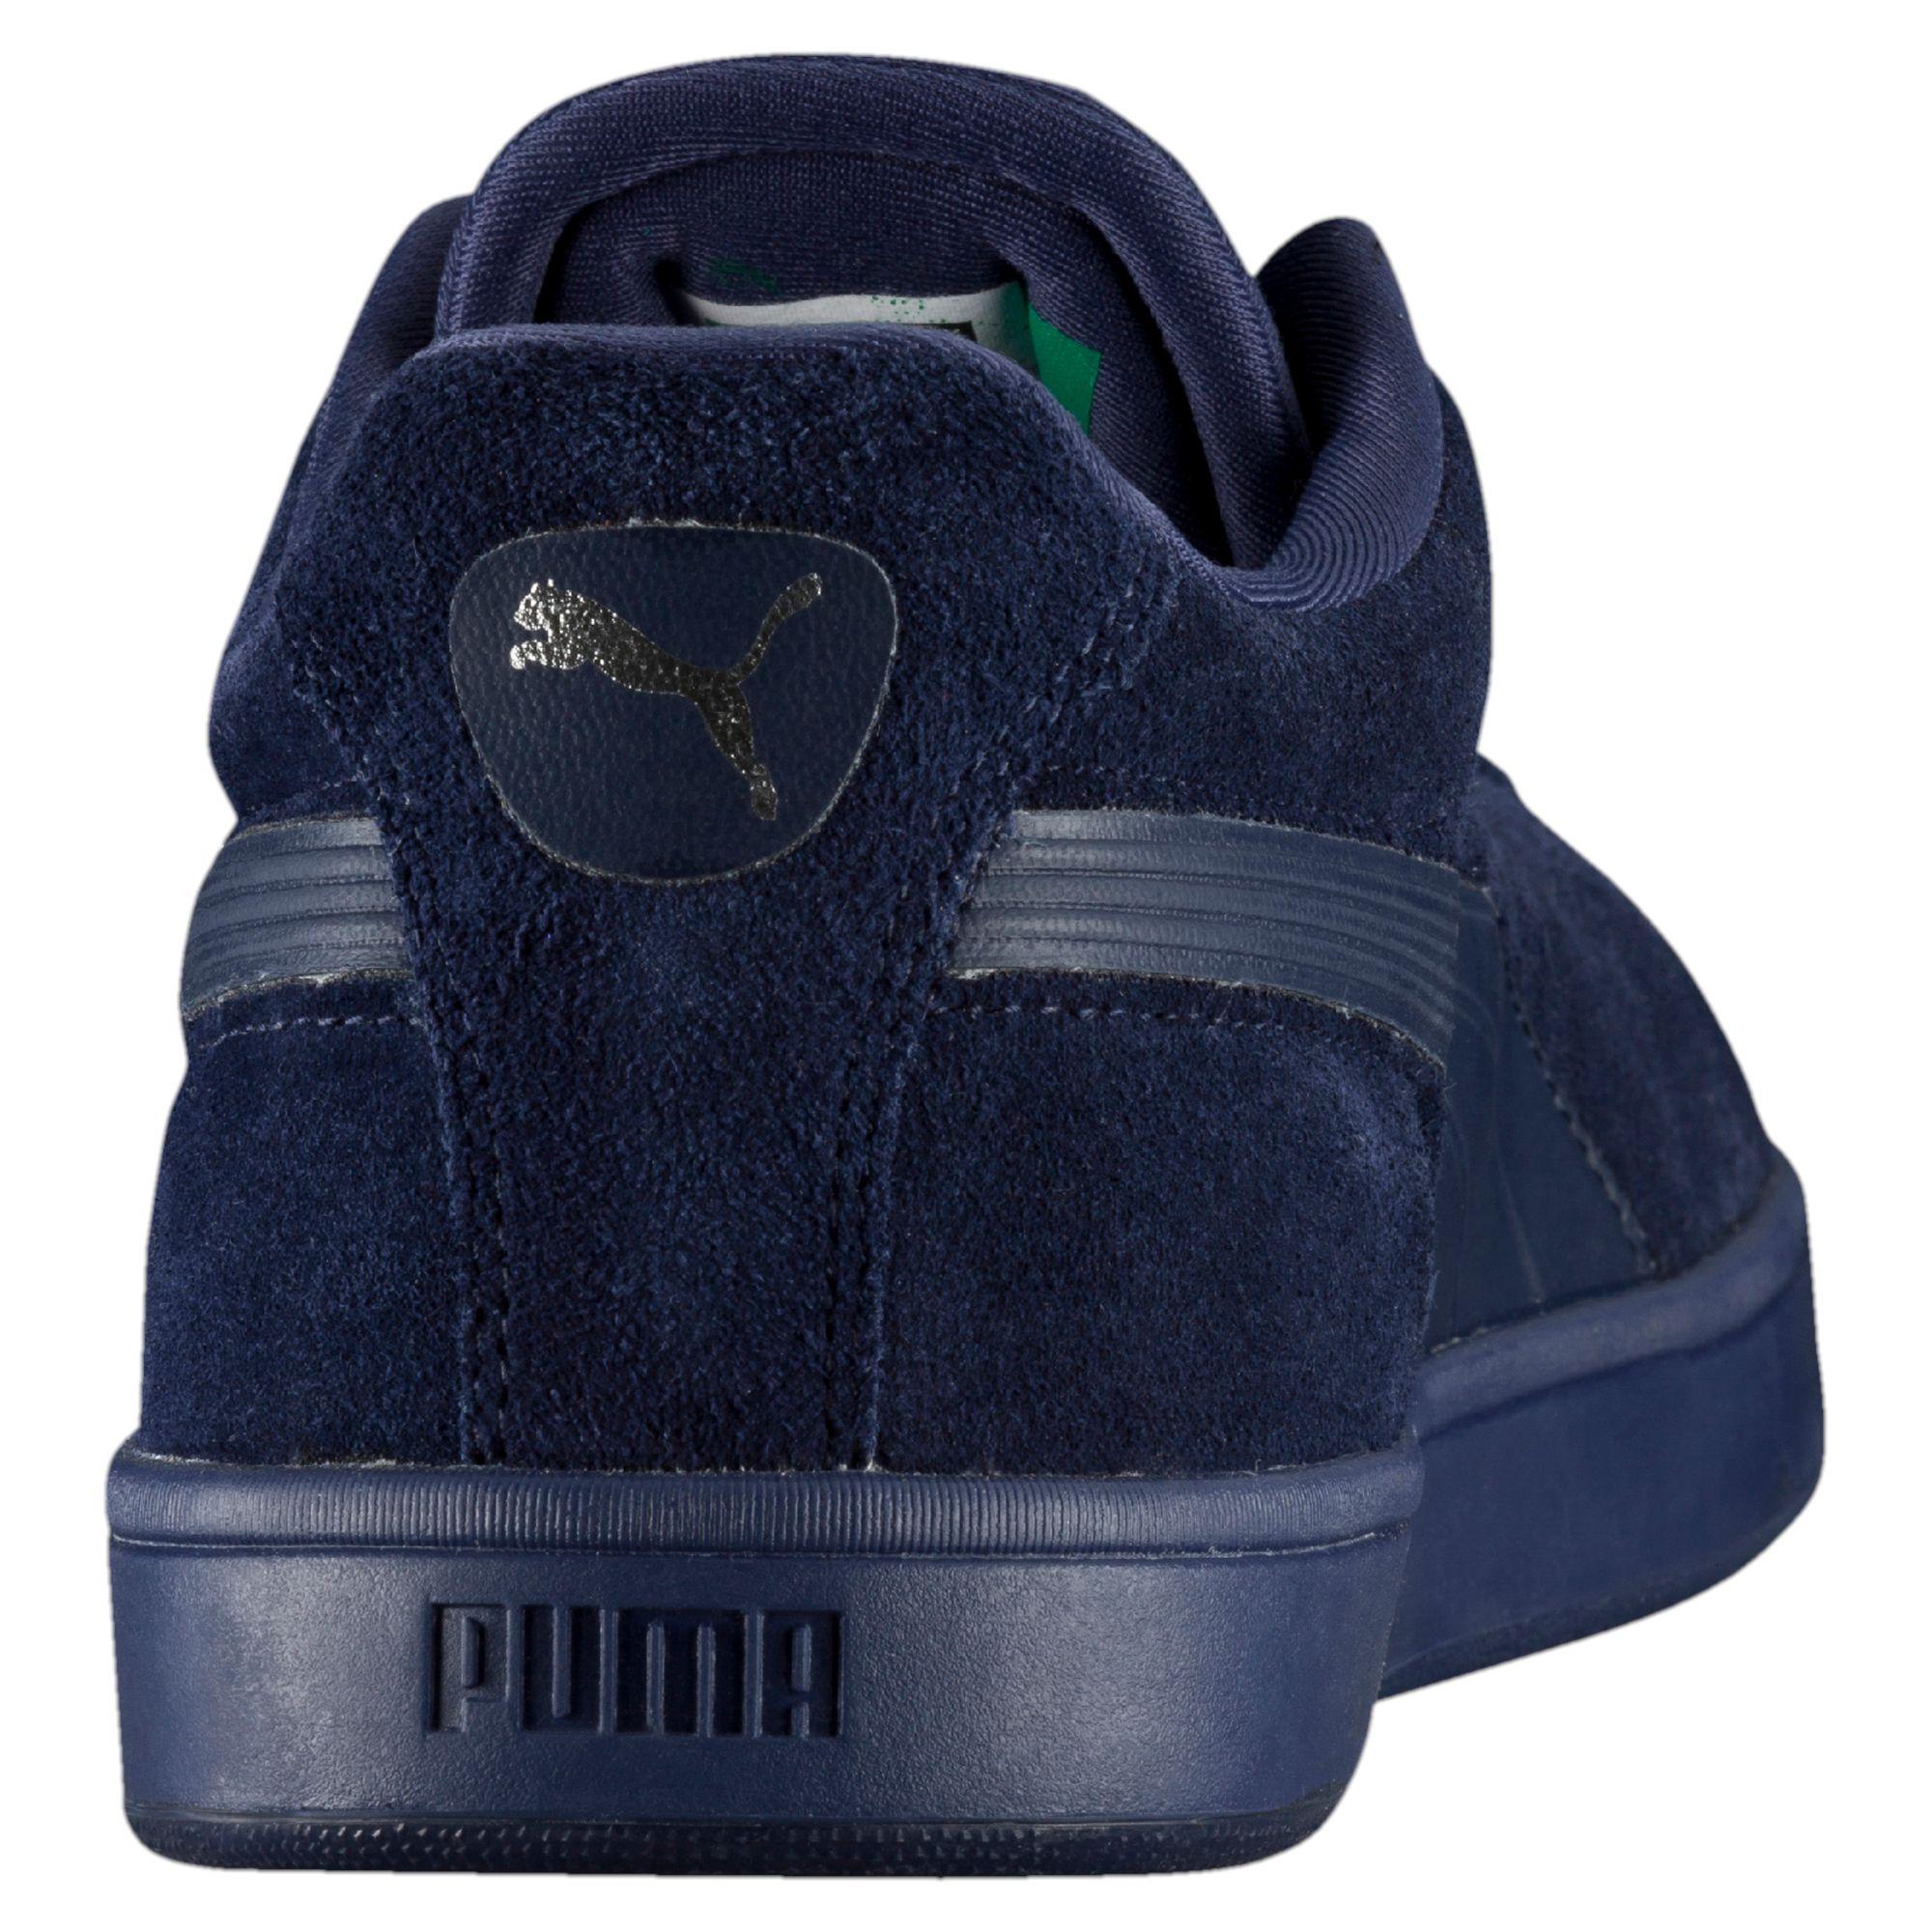 PUMA Suede S Sneaker Schuhe Evolution Männer Neu